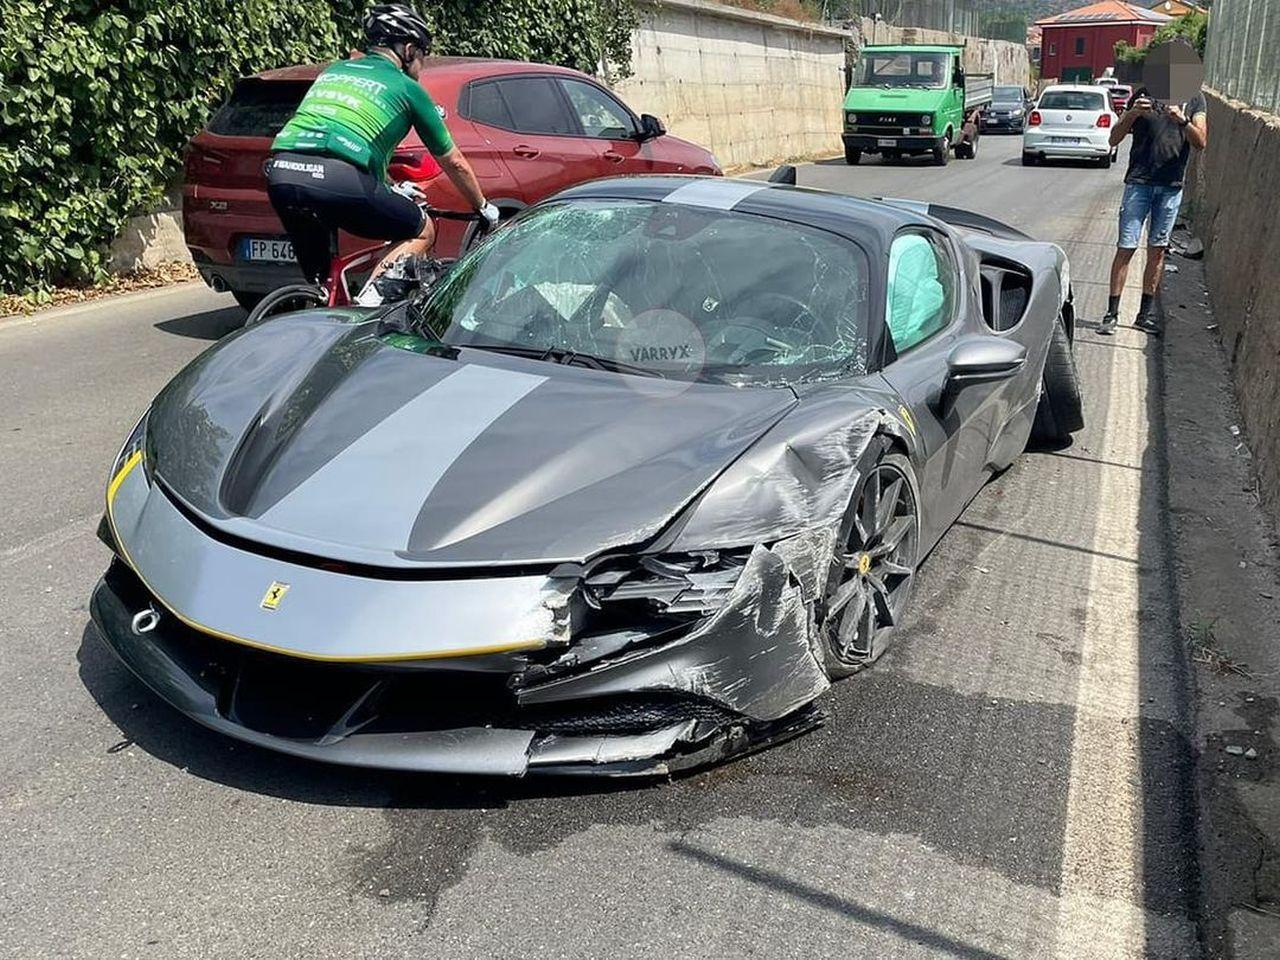 Ferrari SF90 Stradale Assetto Fiorano-crash-Italy-1